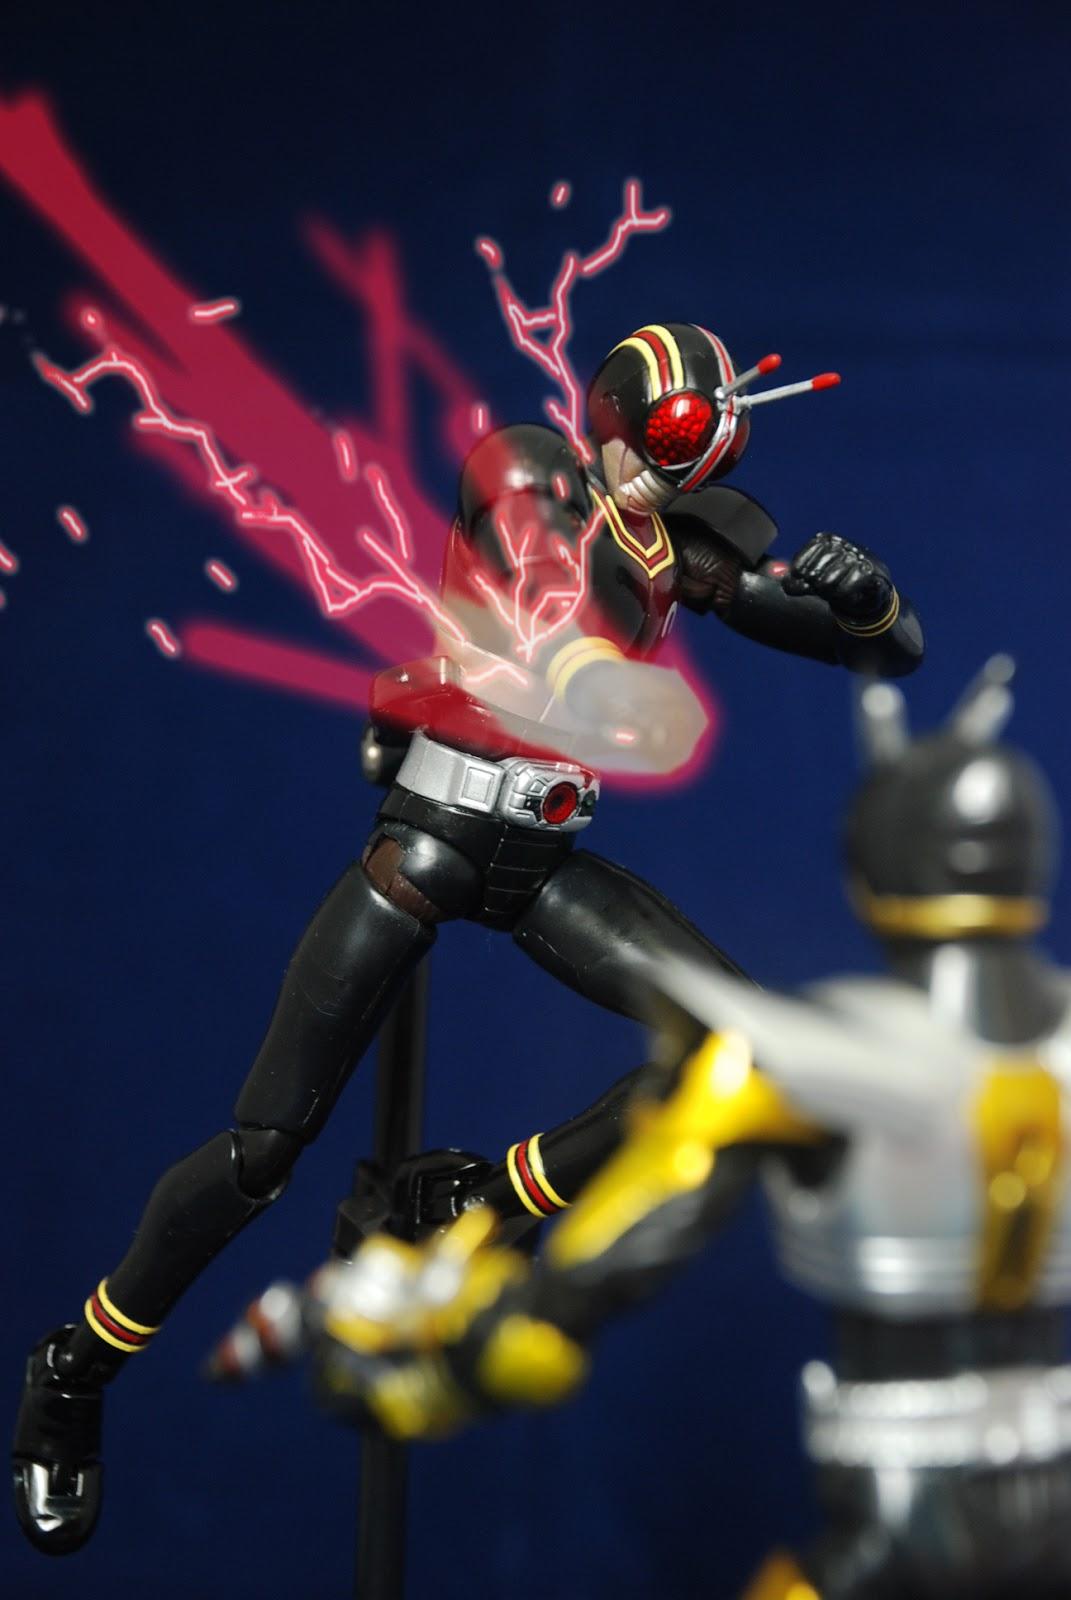 mytoystory: 世紀王黑日---Kamen Rider Black & Battle Hopper